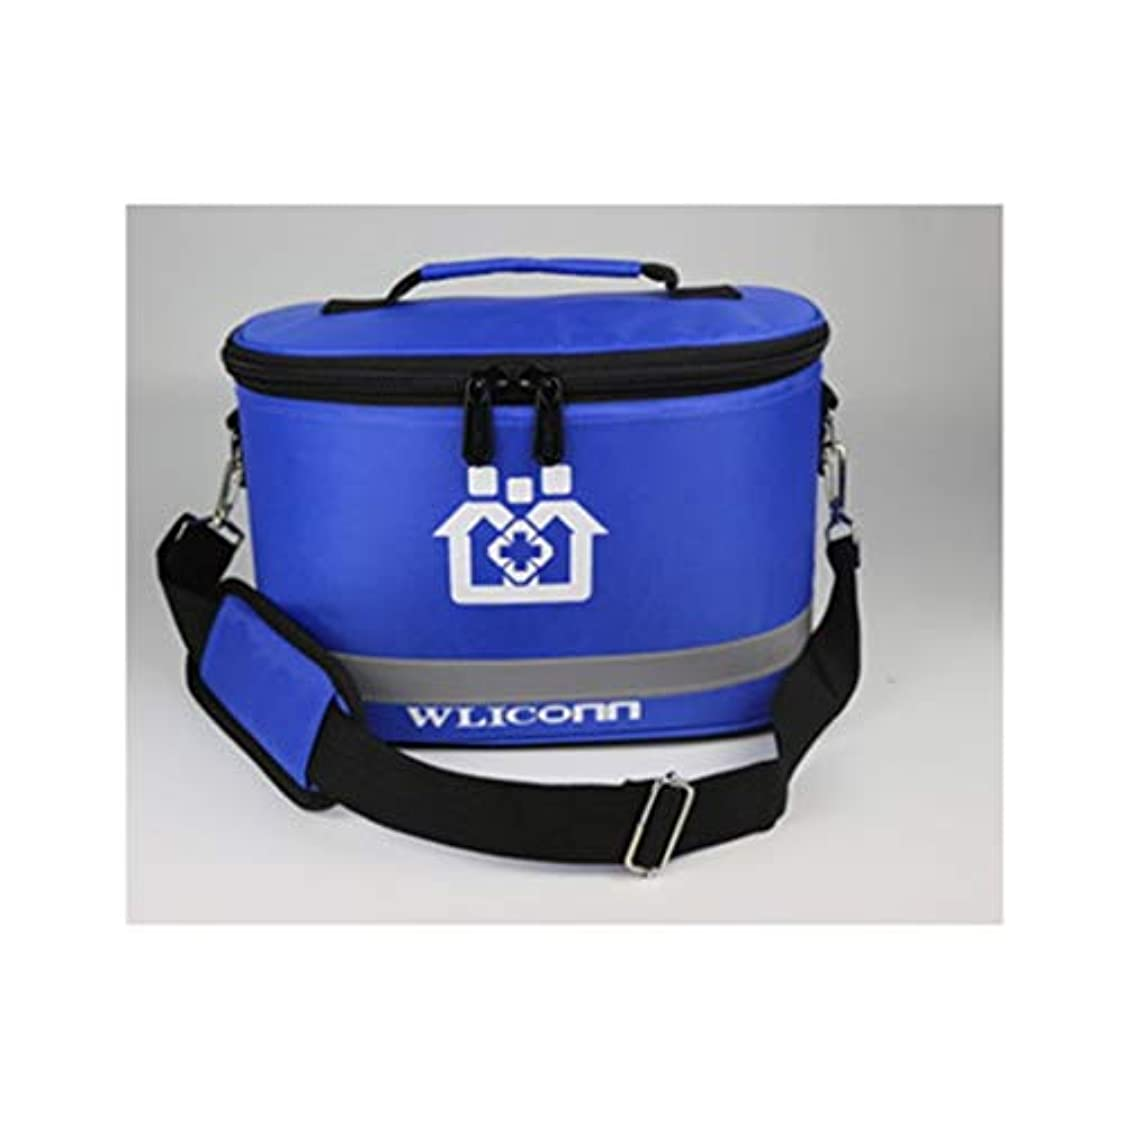 驚かすロッジ抹消緊急用バッグ 医師の訪問パッケージポータブル母子パッケージ応急処置キット3層デザインナイロン生地/ 3色オプション HMMSP (Color : Royal blue)